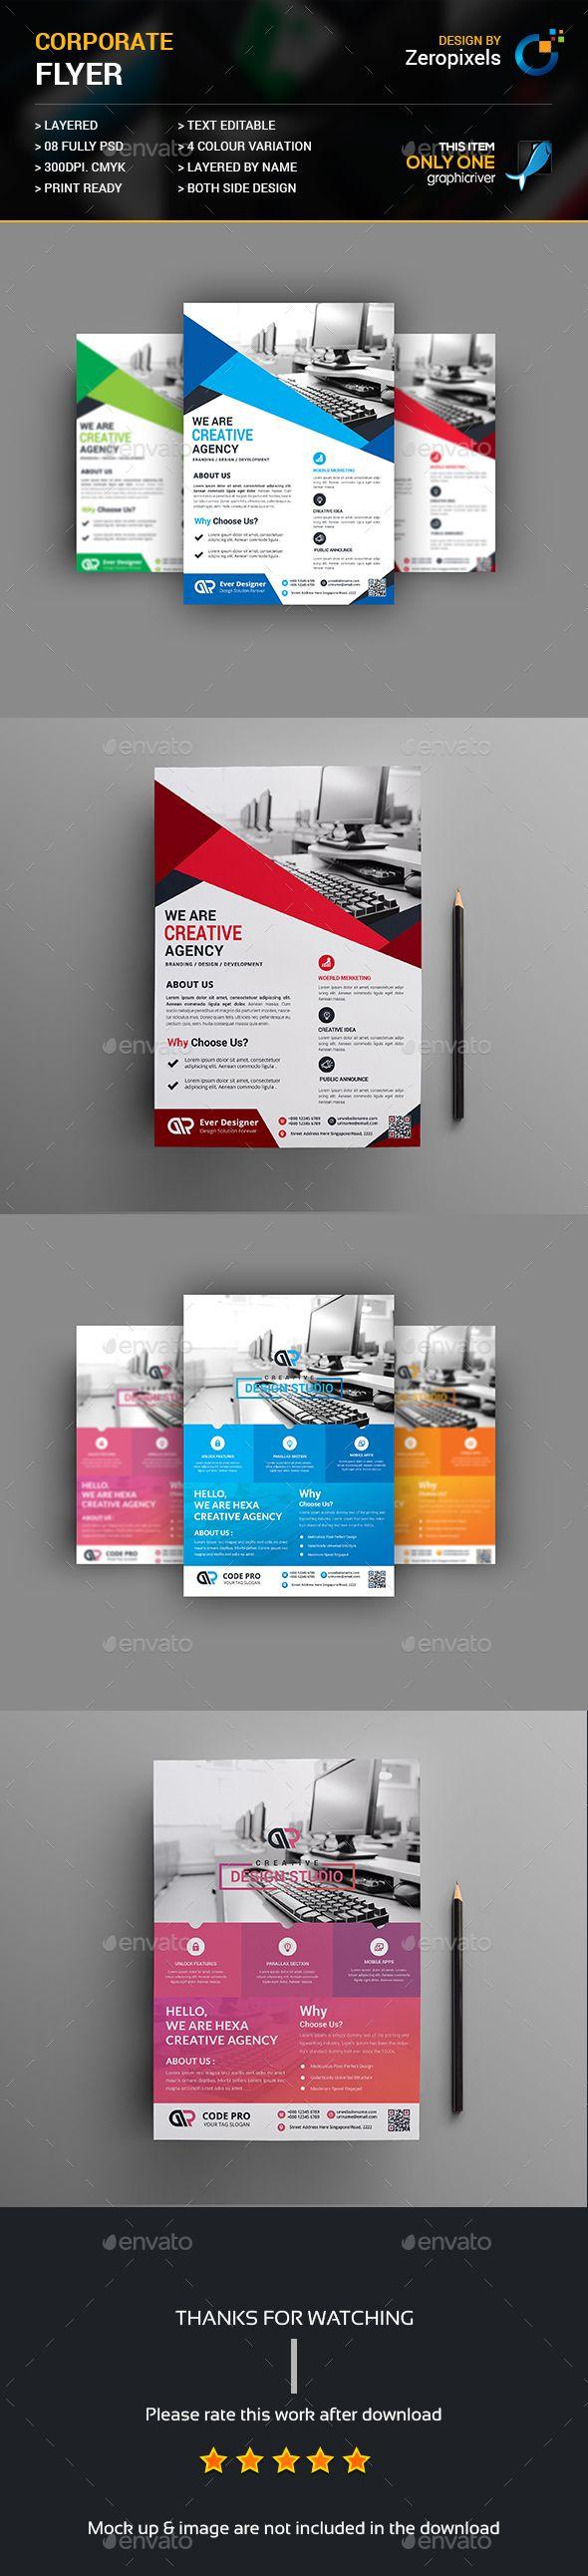 advertisement flyer maker